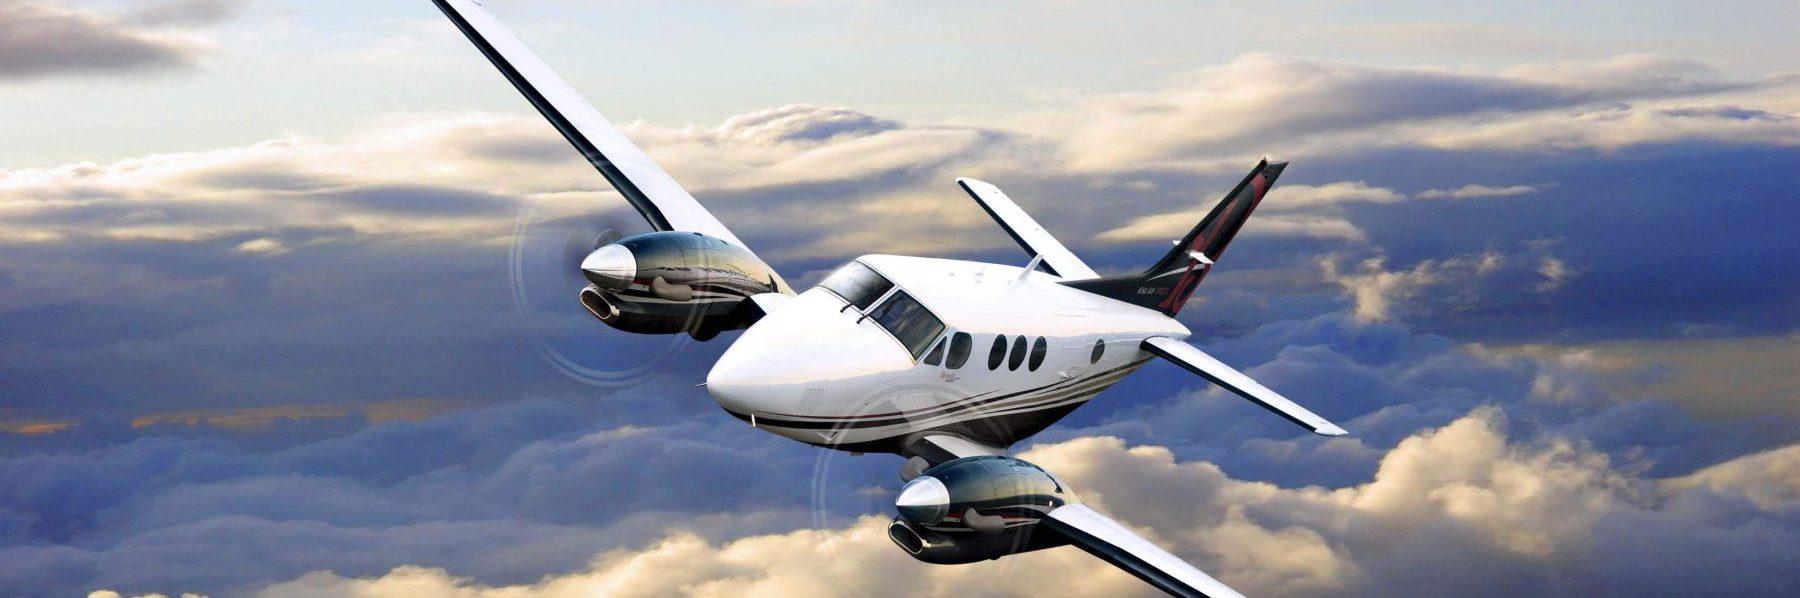 航空機部品・パイロットサプライの輸入